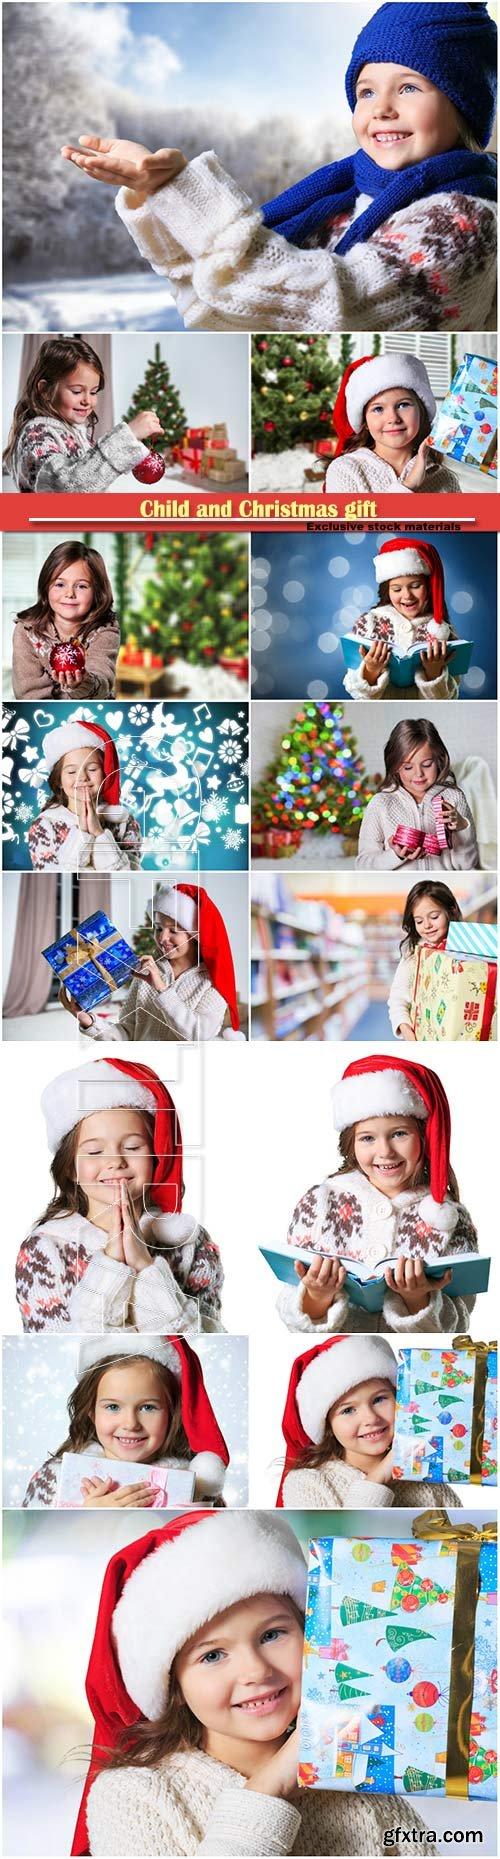 Child and Christmas gift